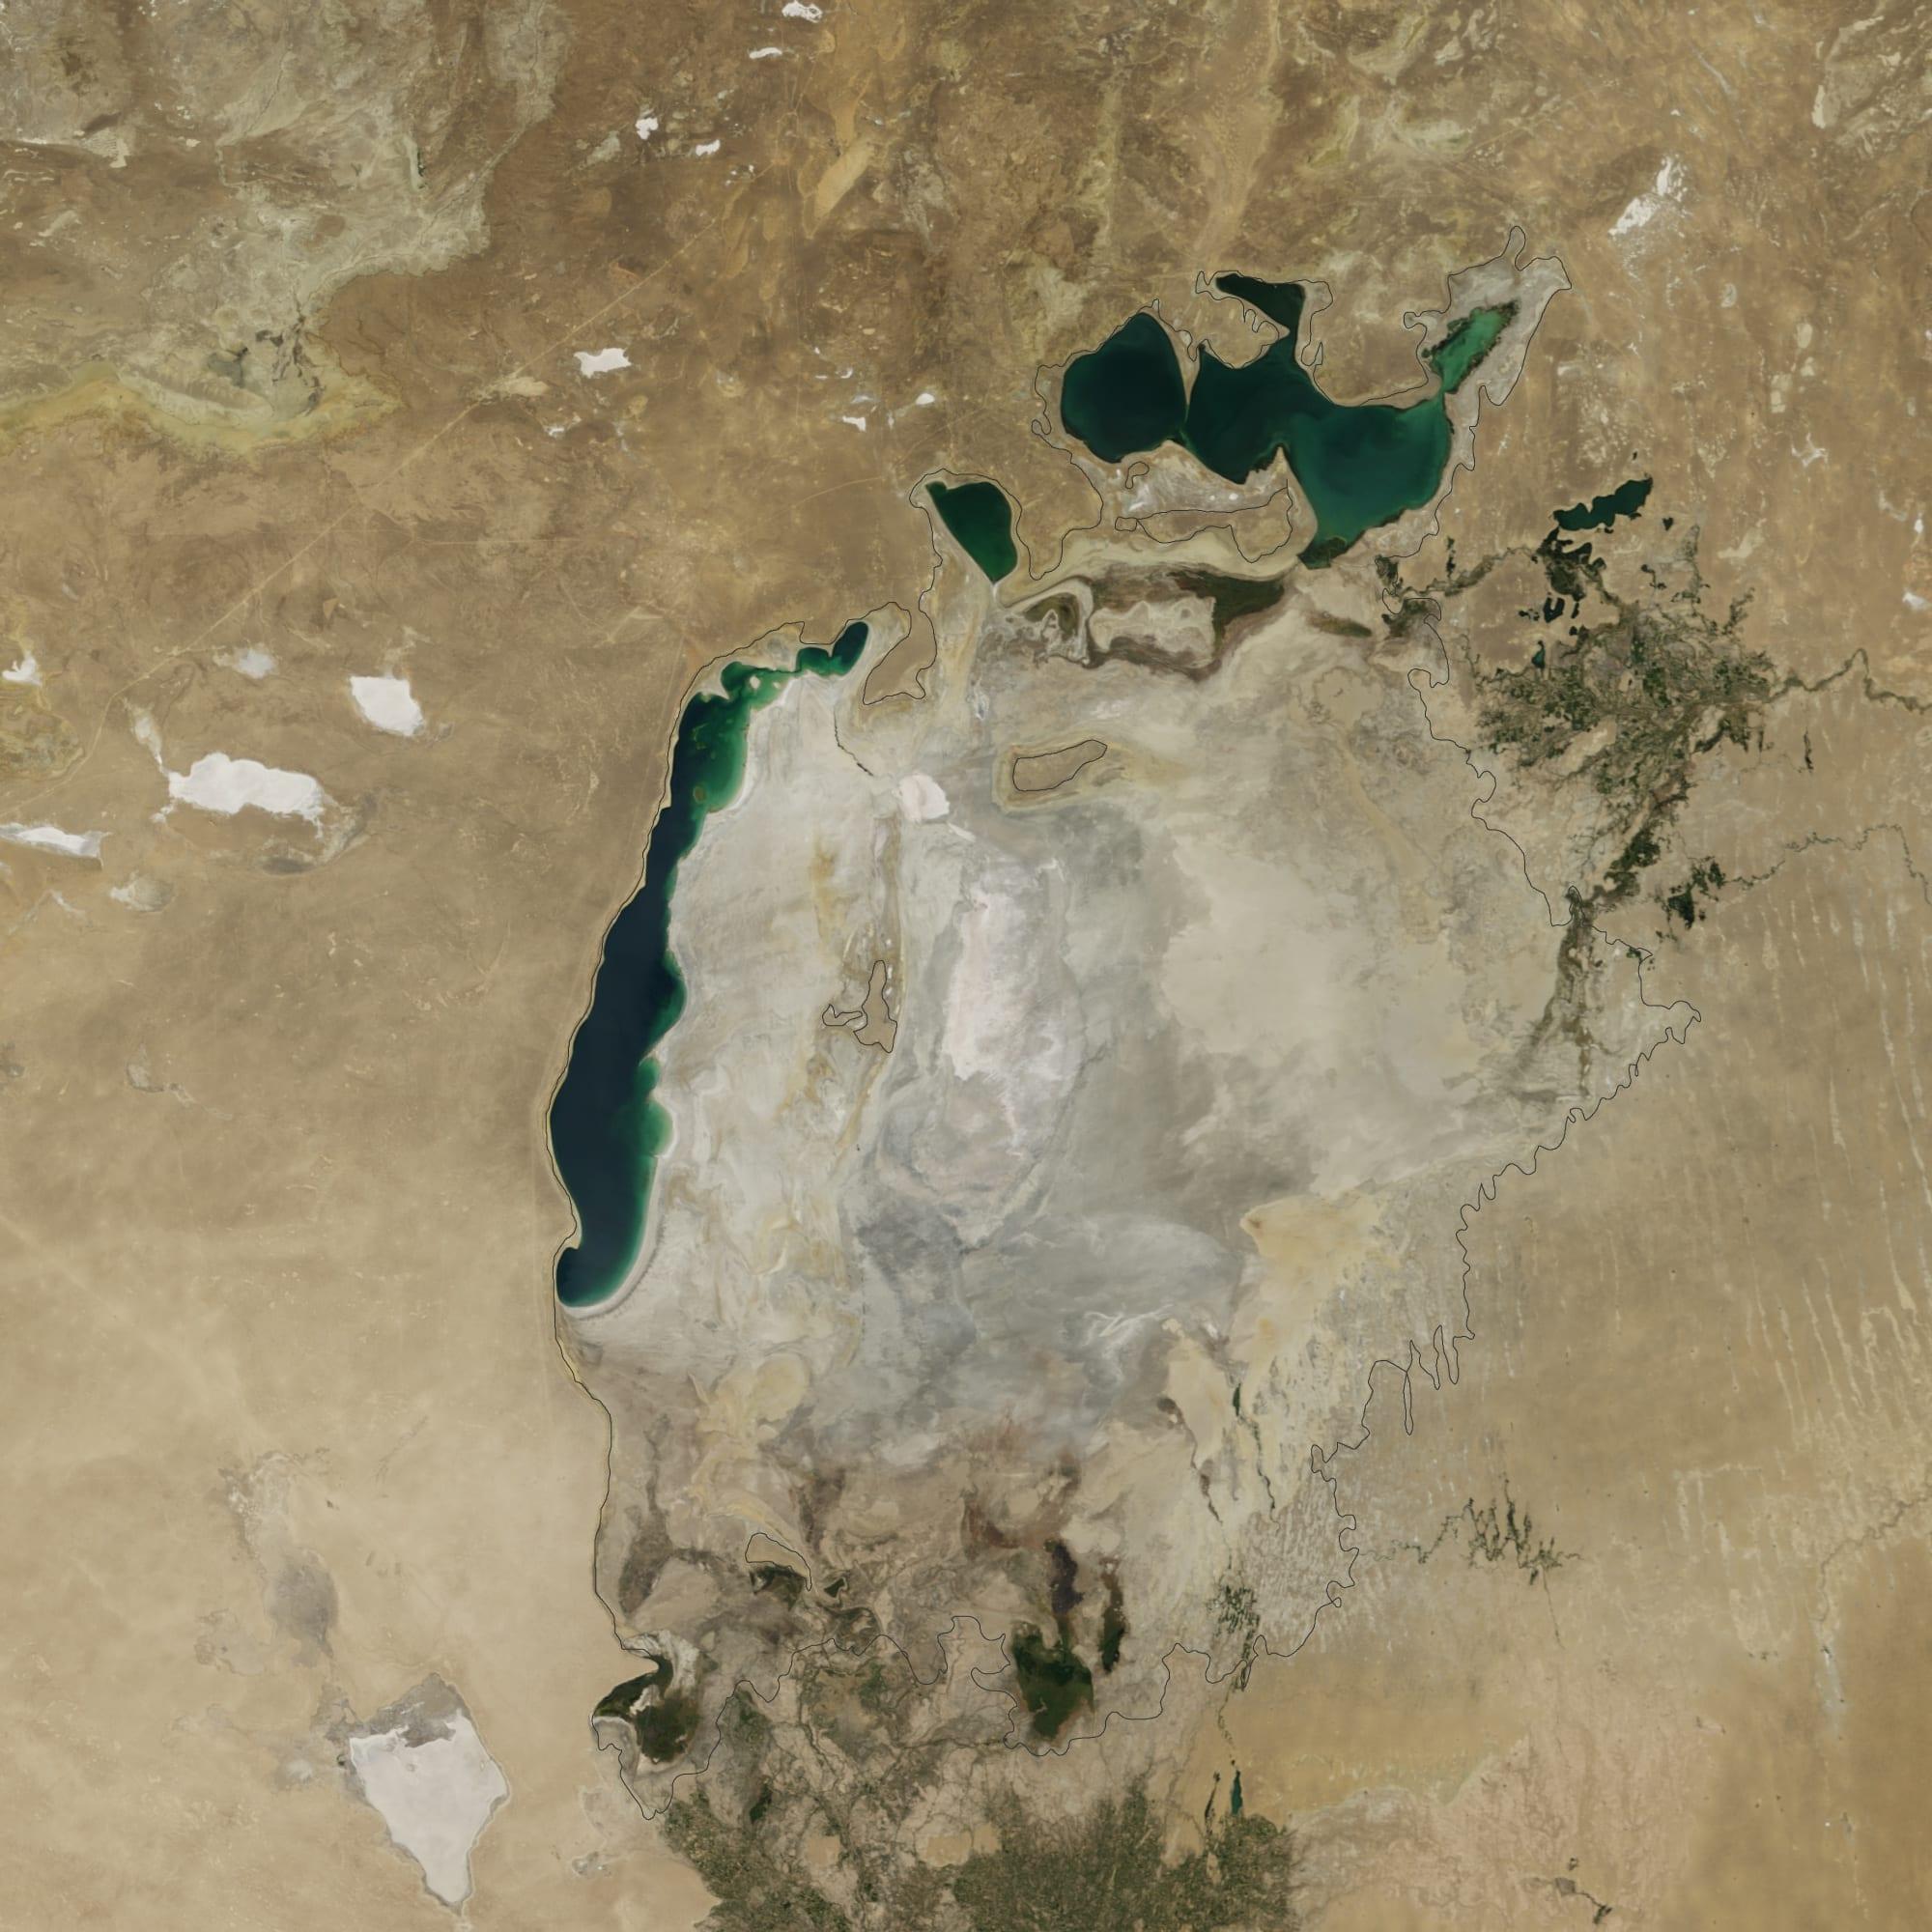 Kiszáradt az Aral-tó - Természeti katasztrófa az űrből | ClimeNews - Hírportál